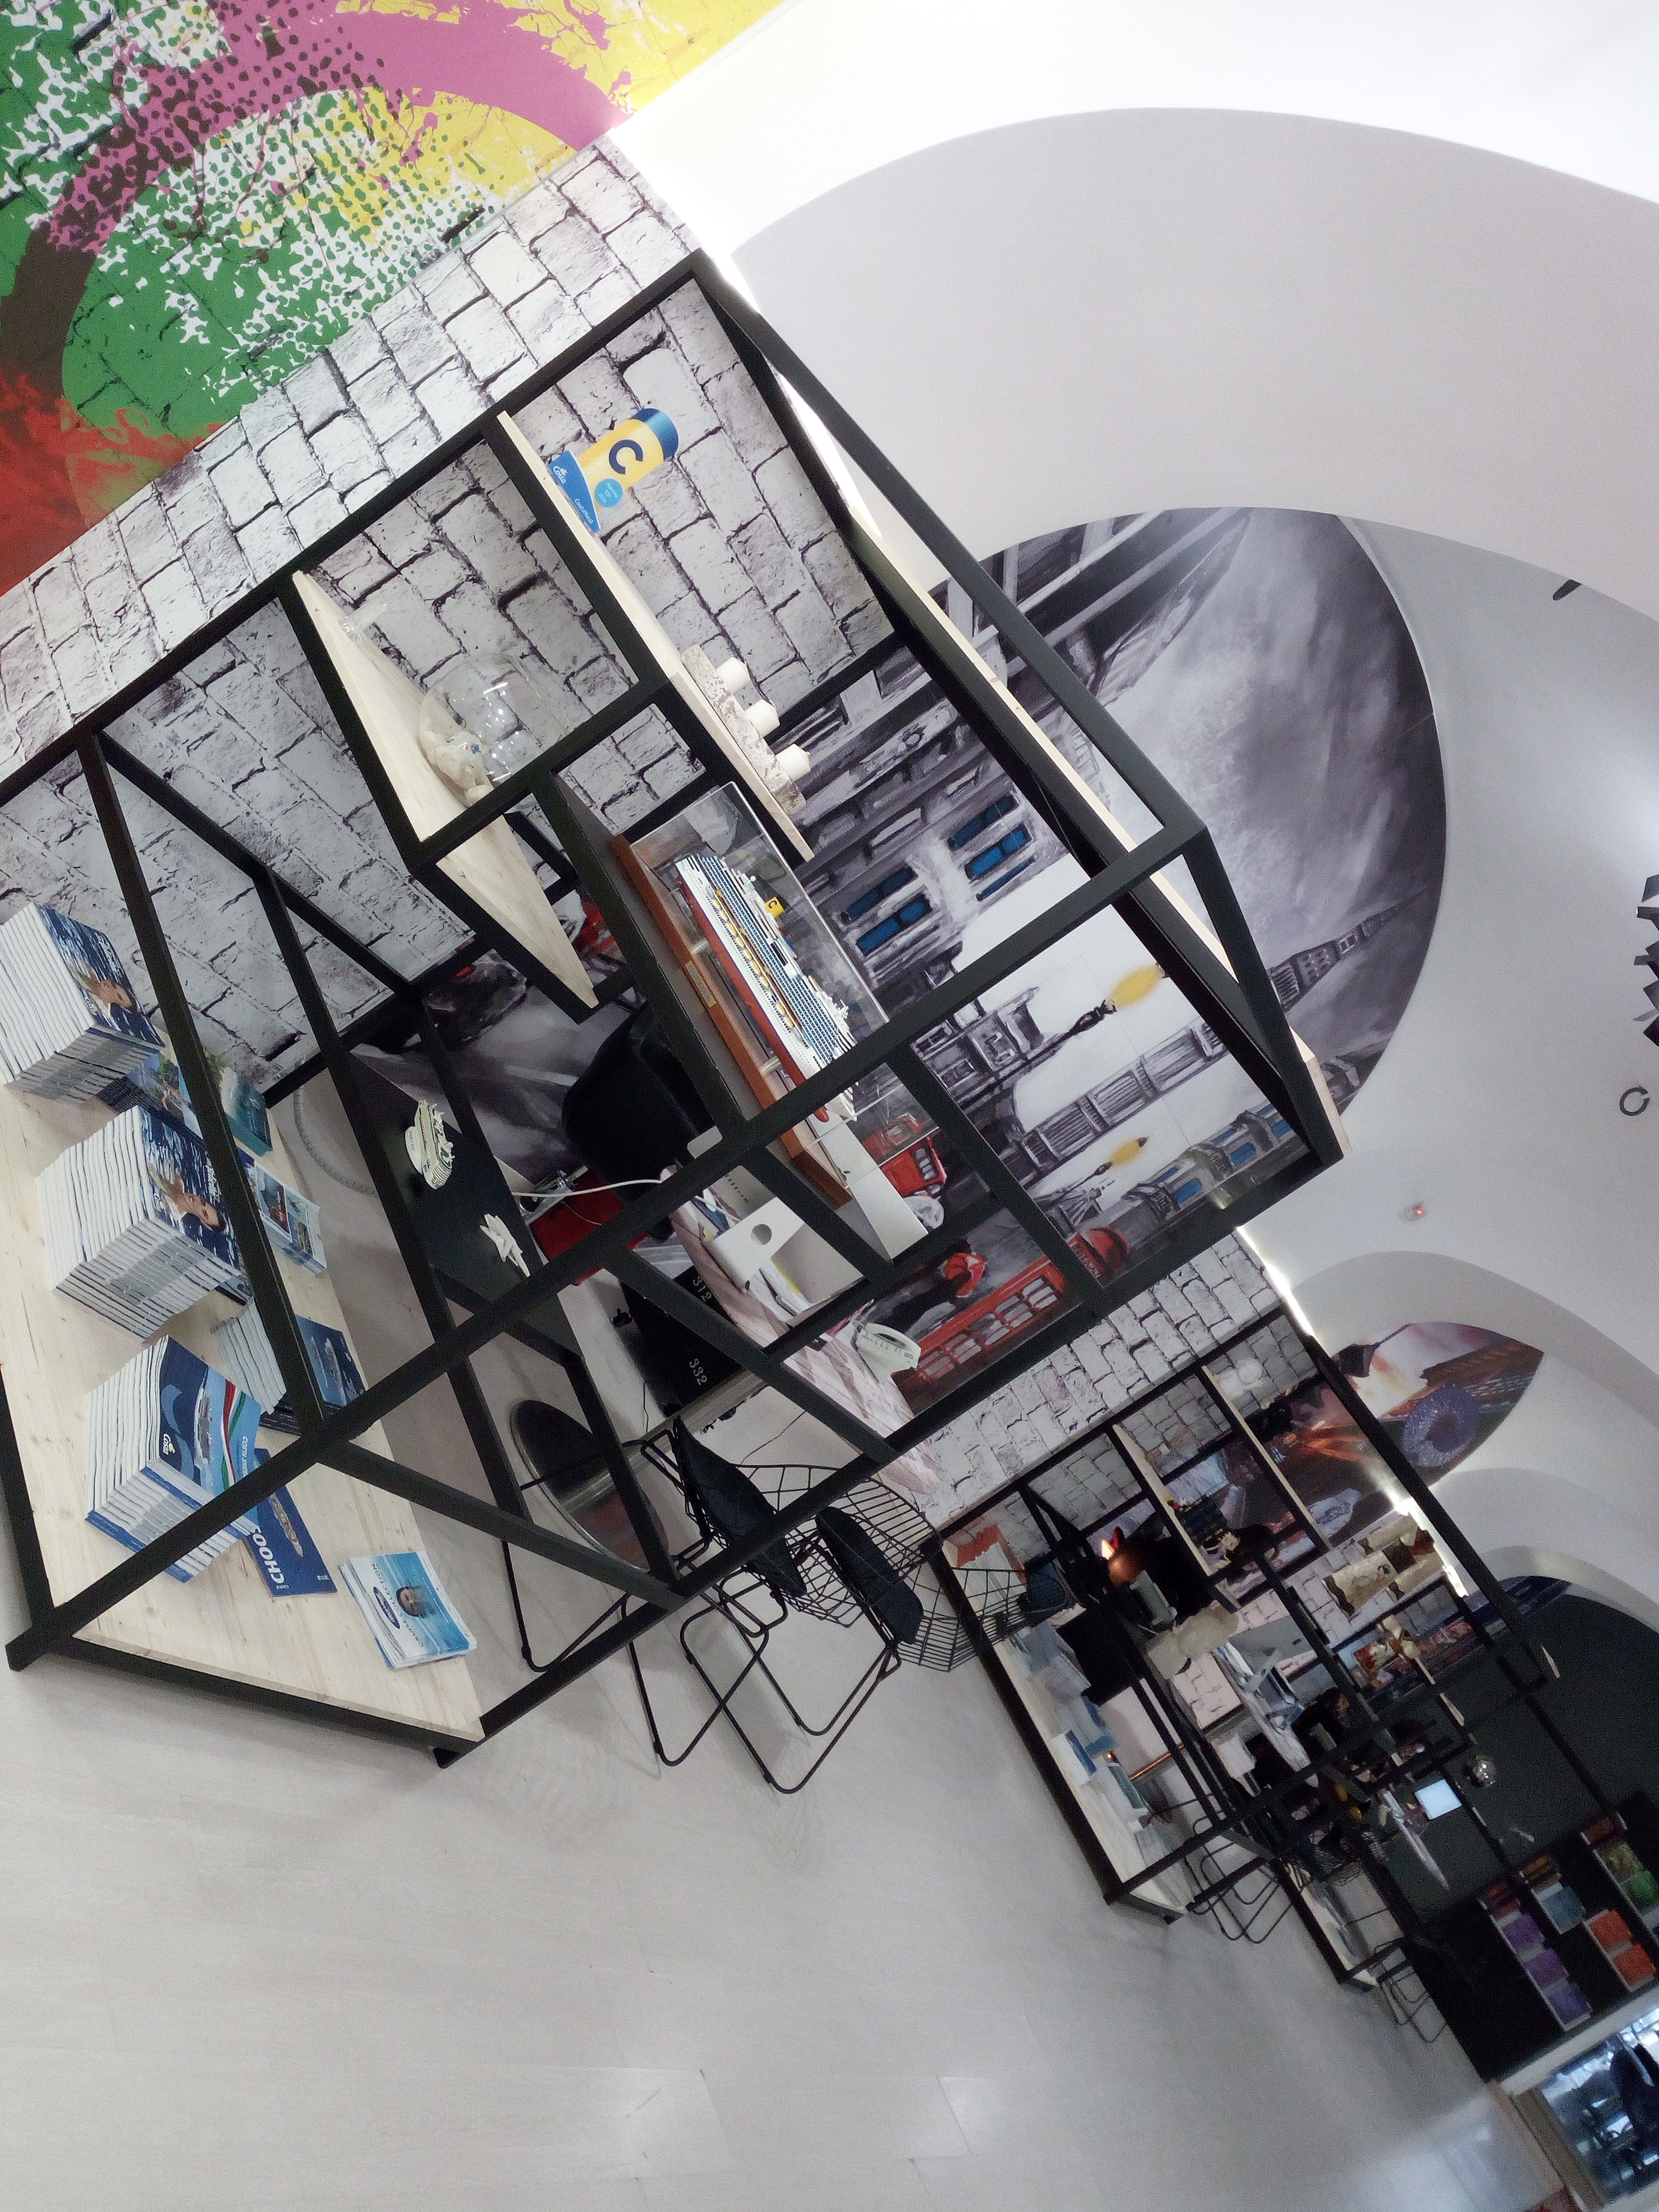 Fornitura scaffali per uffici e agenzie, espositori cataloghi viaggi